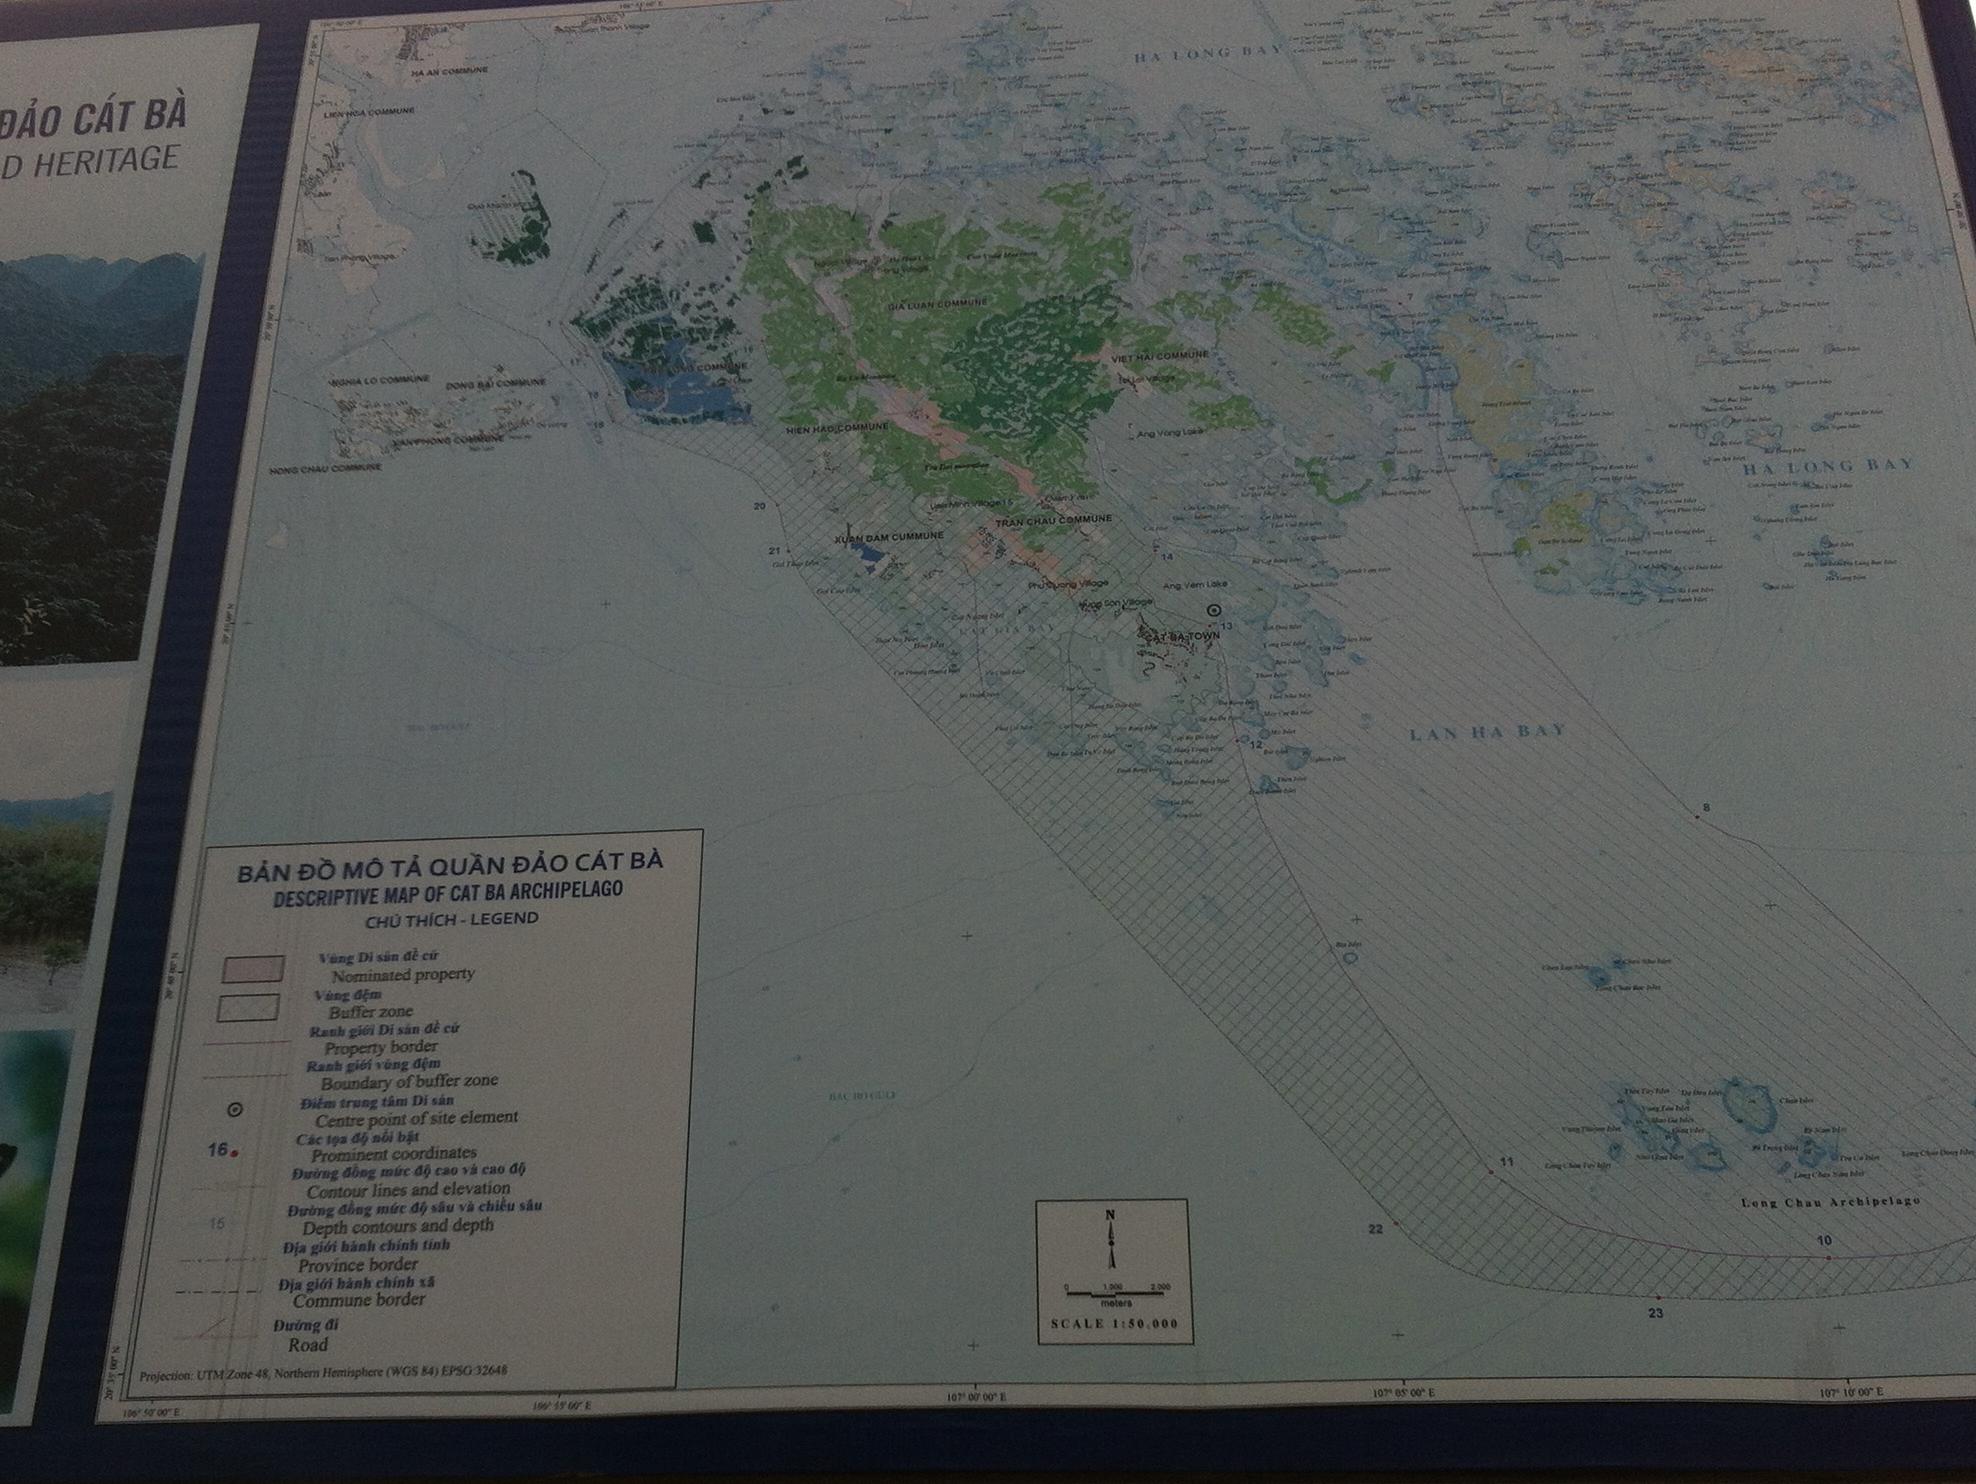 björnöfjärden karta insamling | Tångbloggen björnöfjärden karta